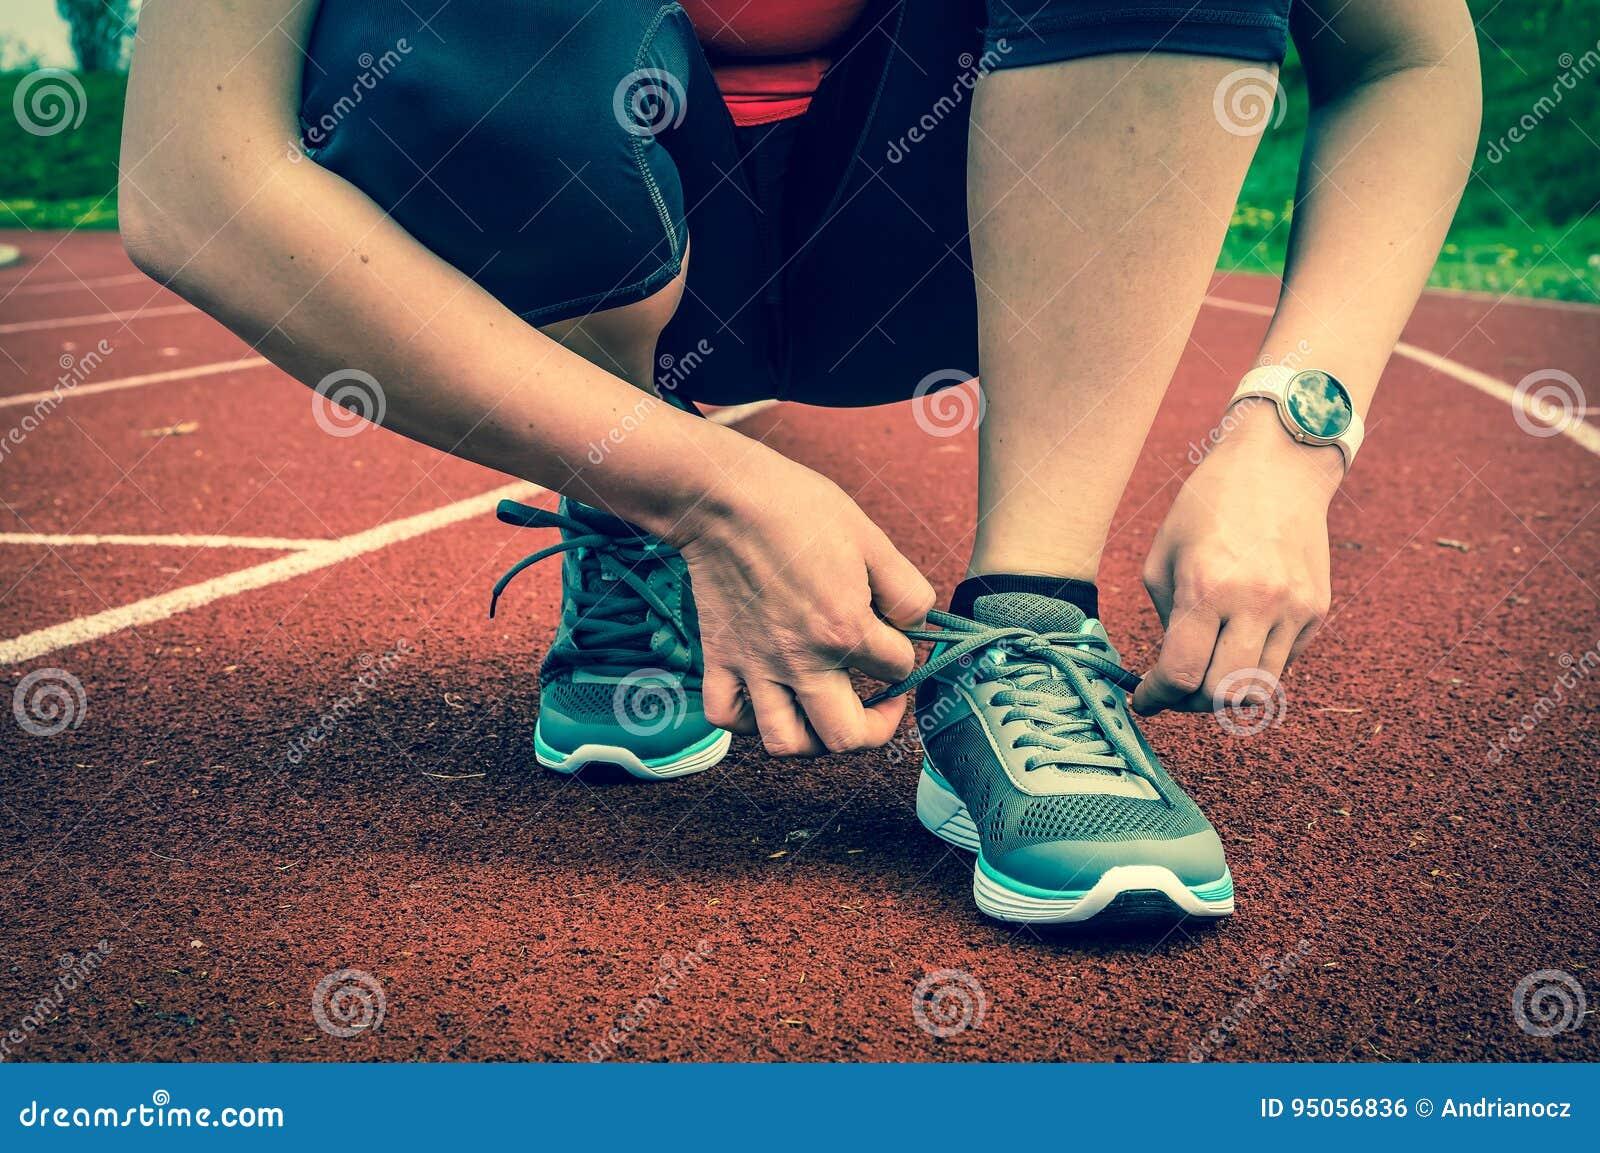 Corriente Estadio Zapatos En Pista Sus La Atando Está Una Mujer Del qCwWBZ8